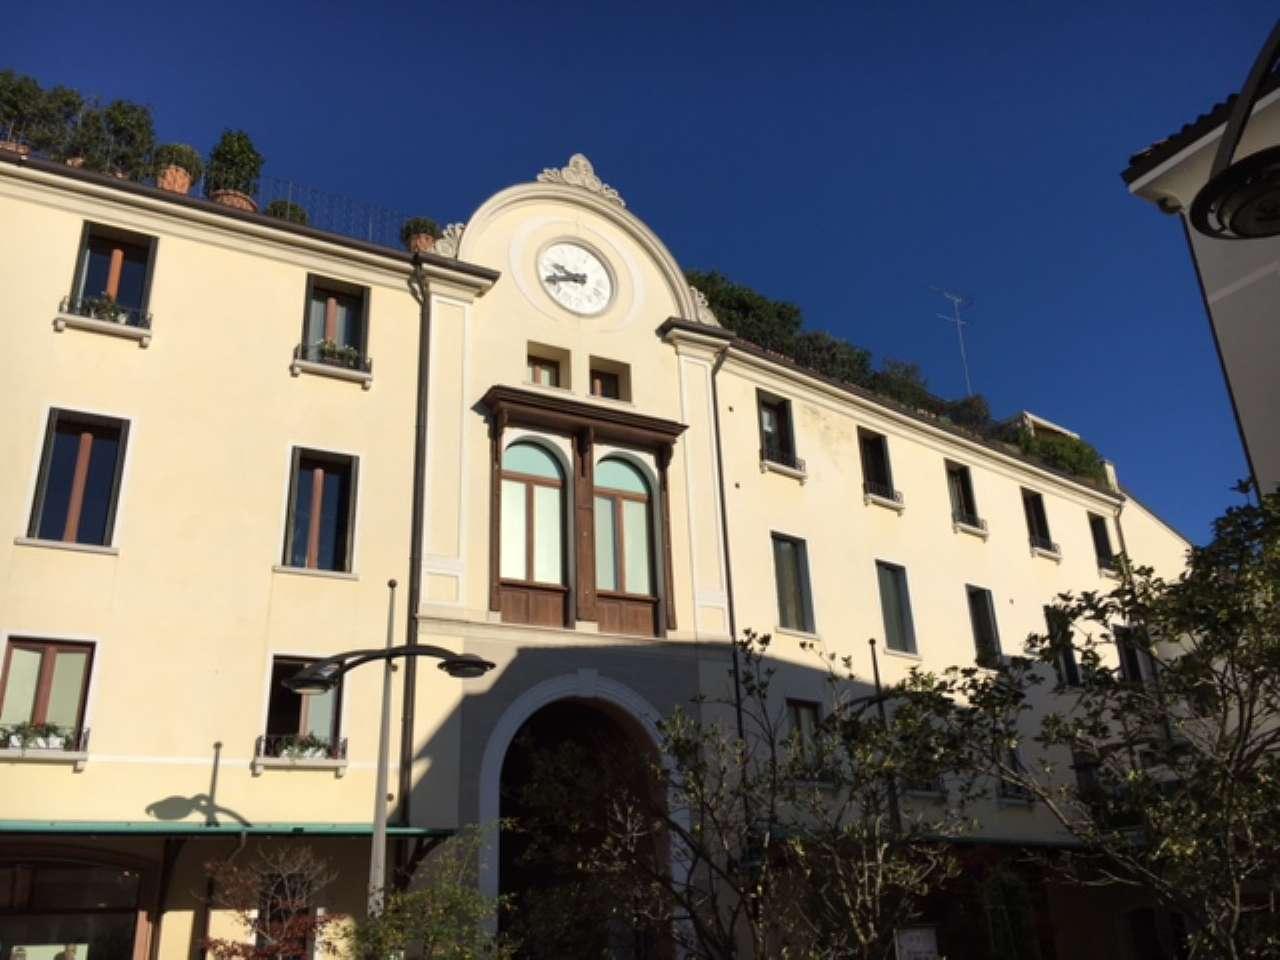 Appartamento in vendita a Treviso, 5 locali, prezzo € 1.050.000 | CambioCasa.it